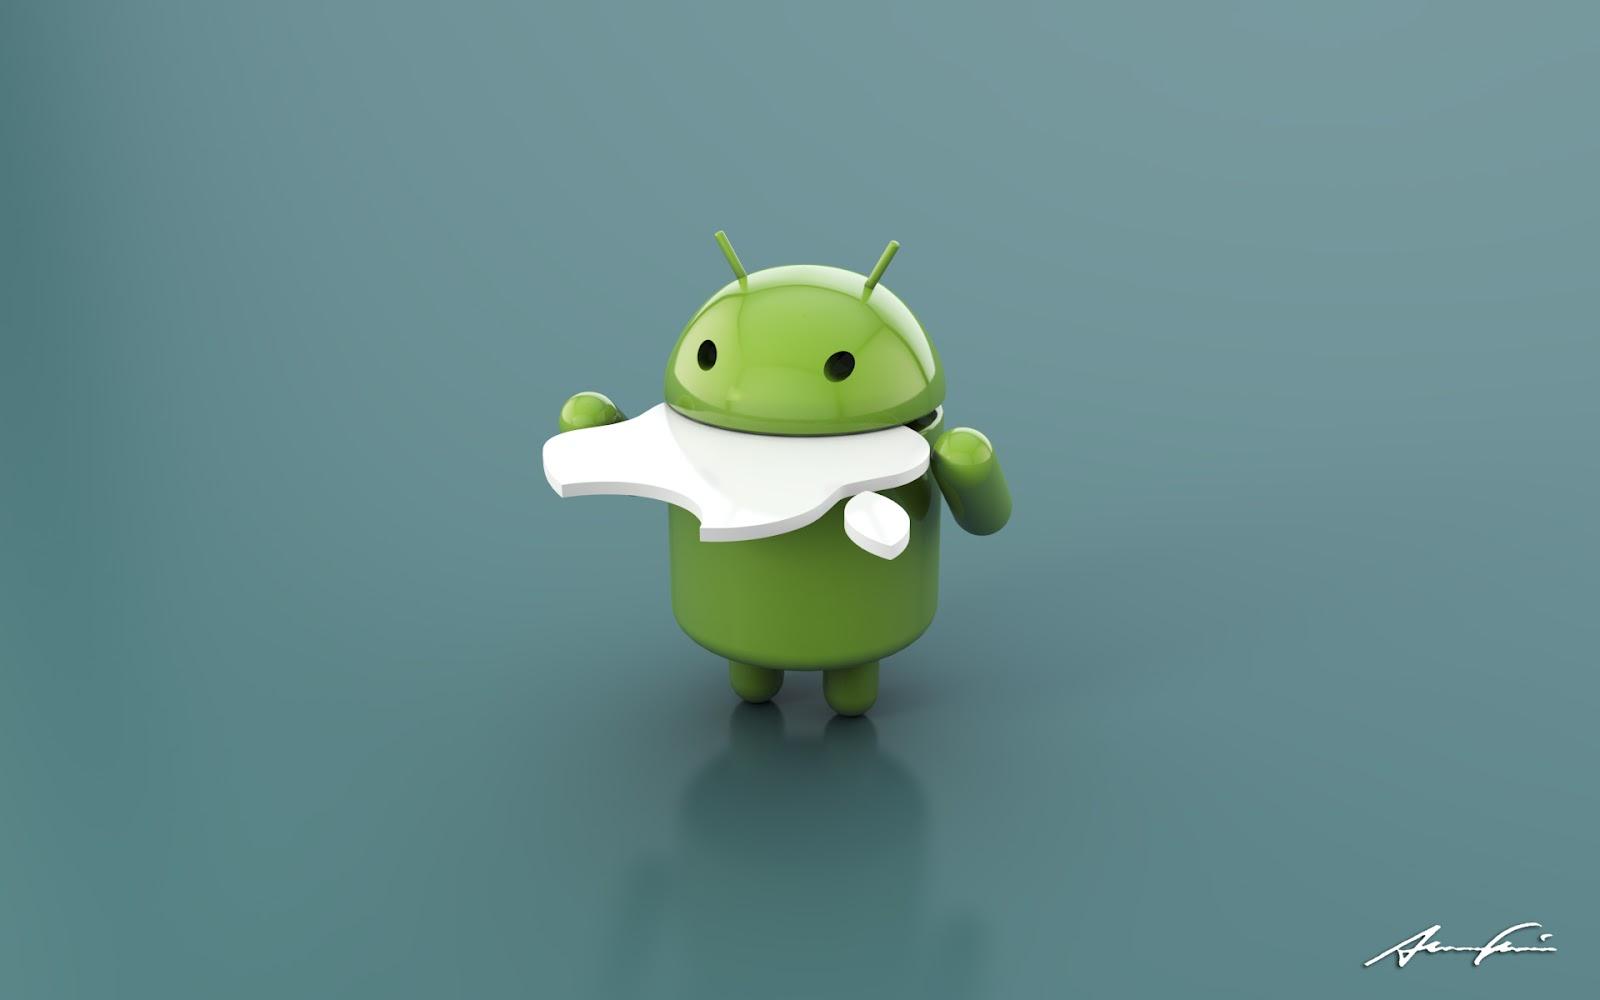 Android Wallpaper HD - WallpaperSafari